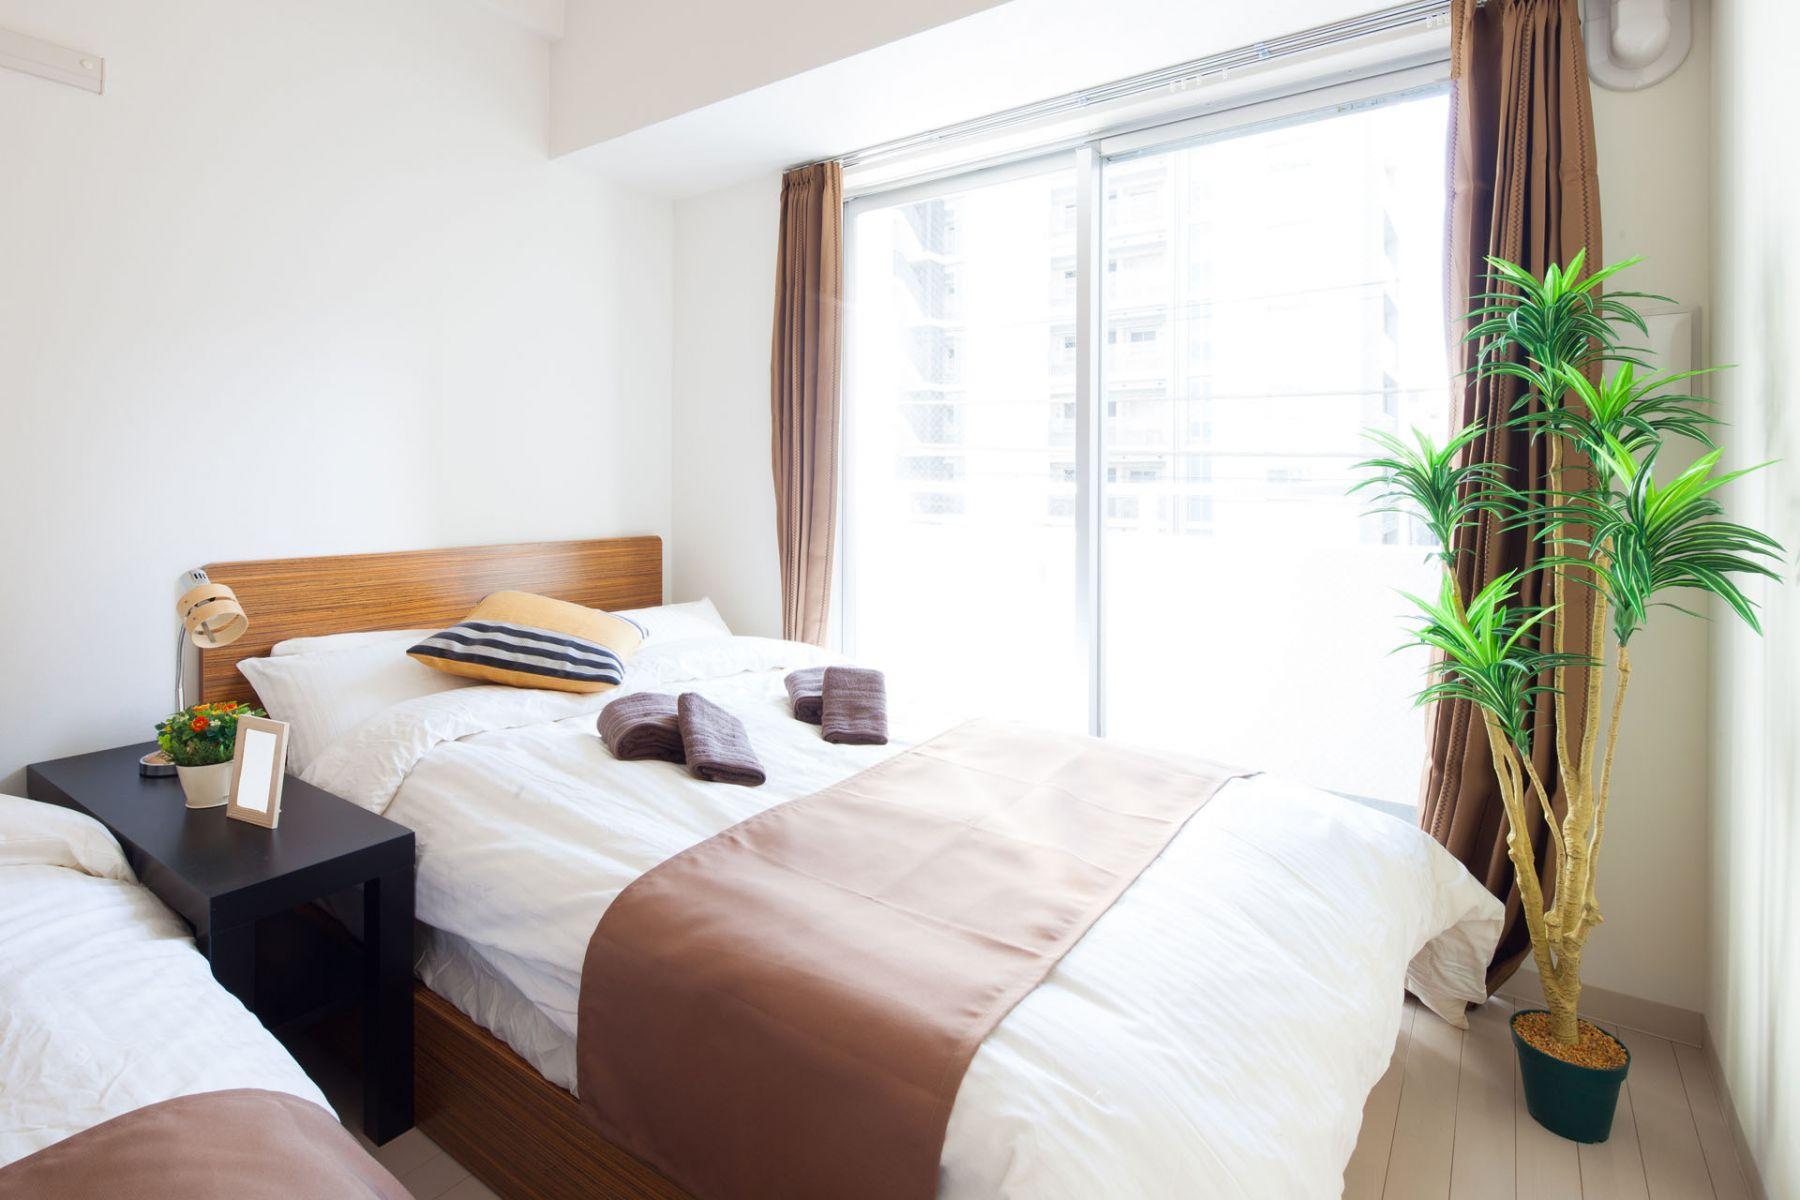 在Airbnb訂房前你應該知道的3件事  超實用訂房秘技大公開